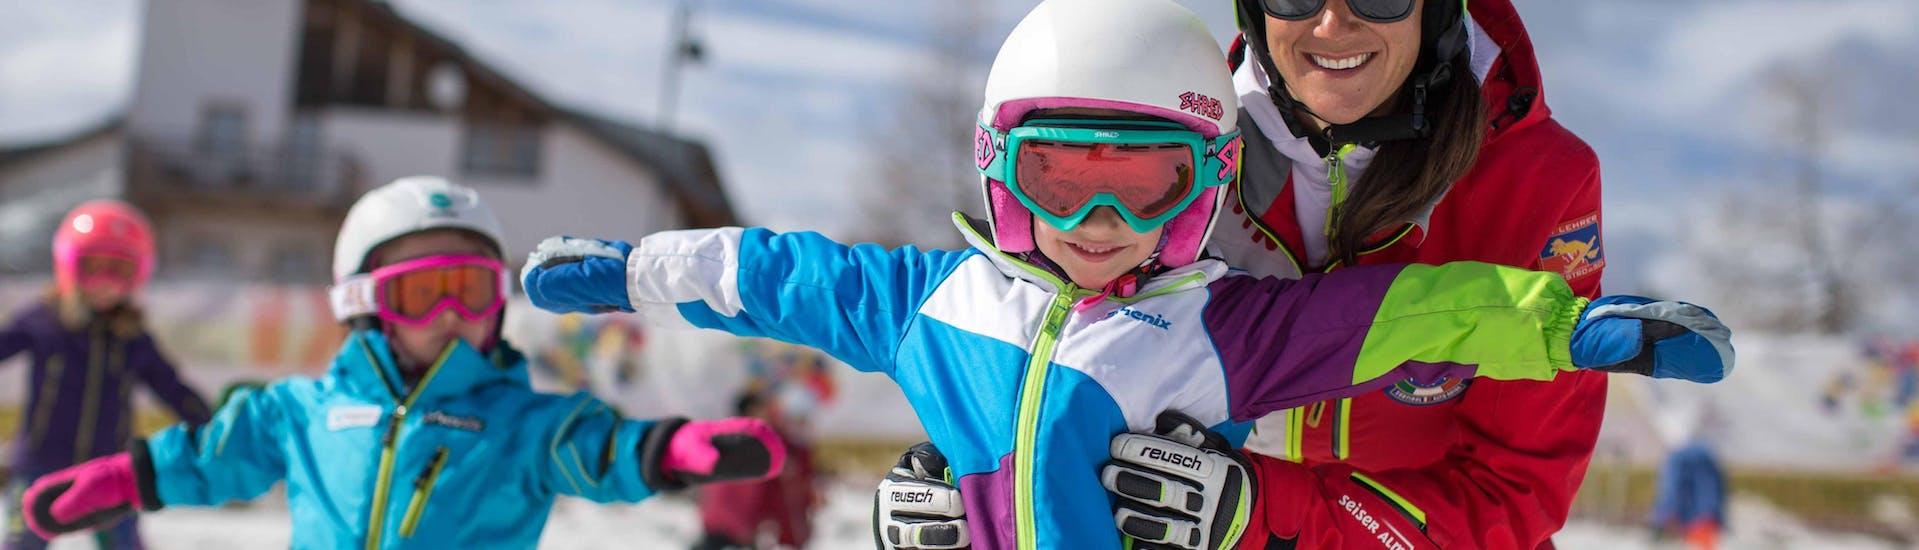 Lezioni private di sci per bambini per tutte le età